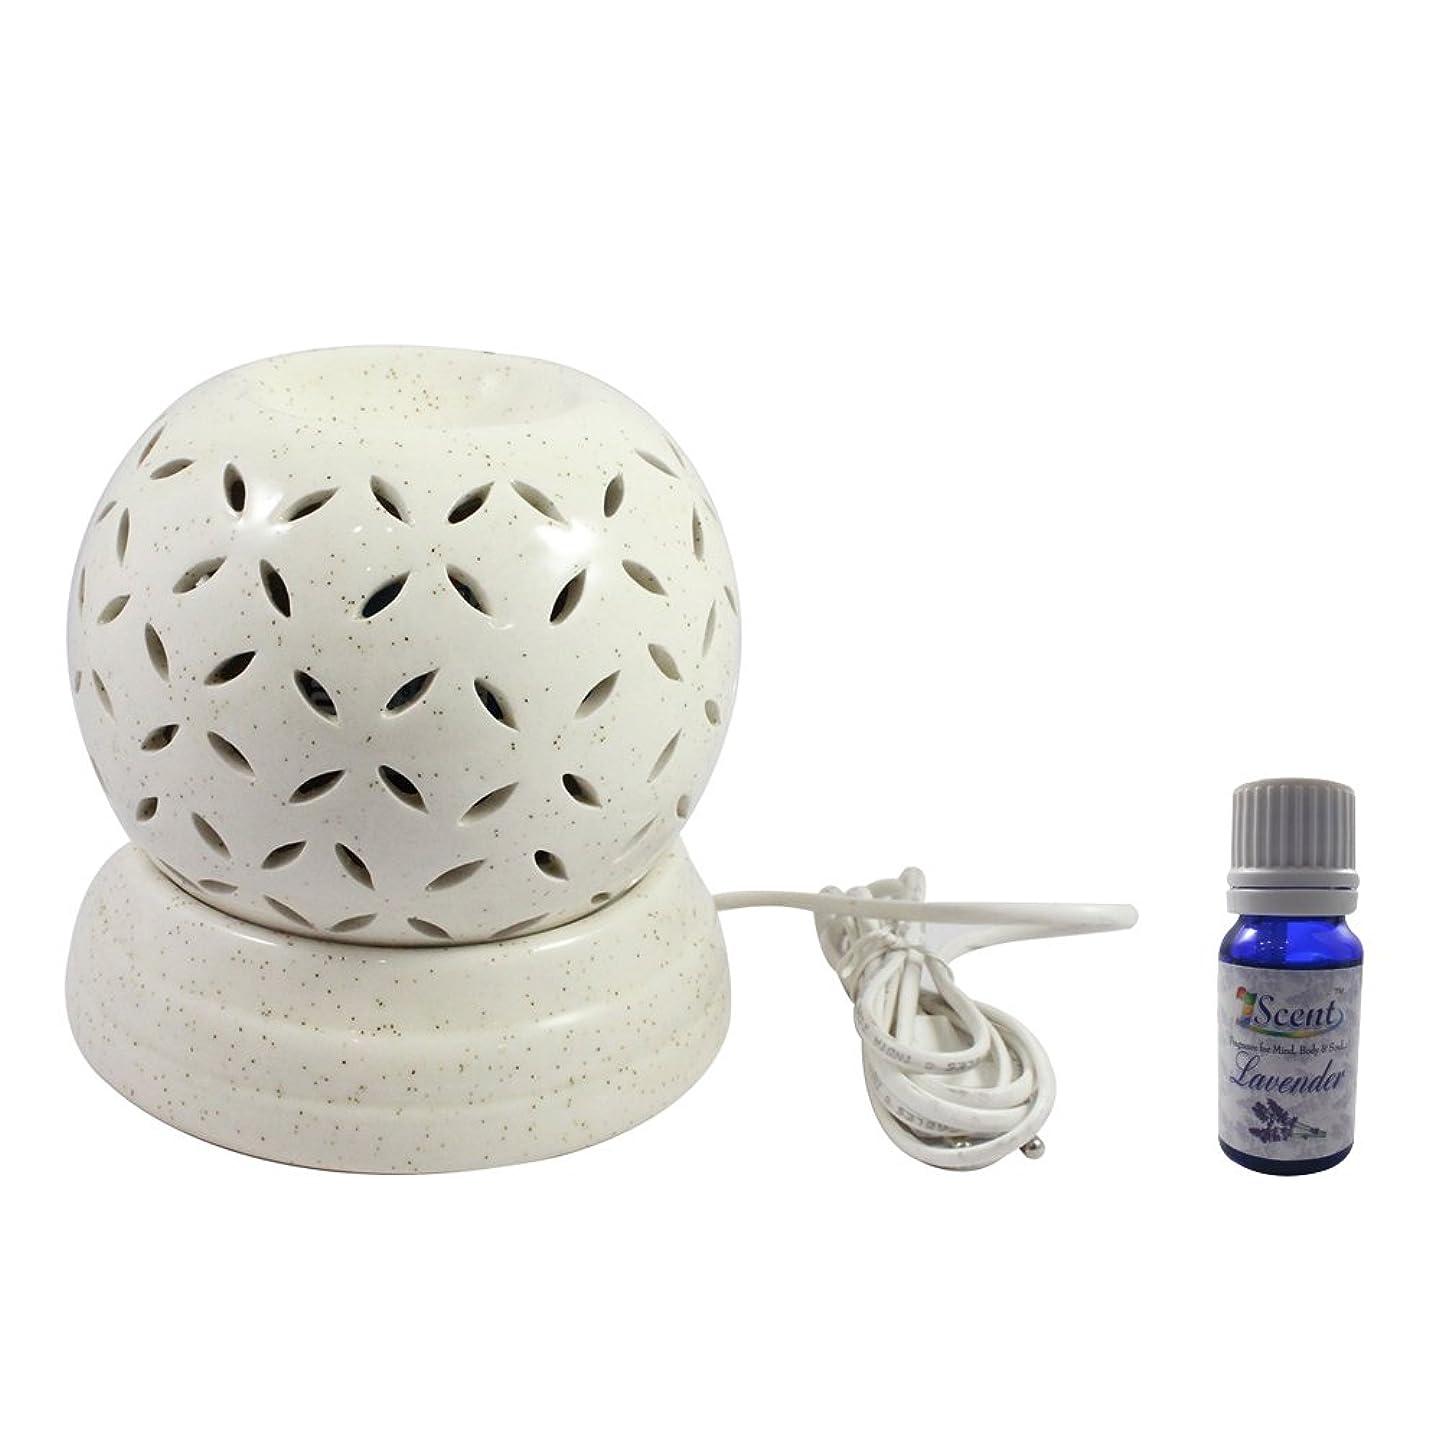 自慢検索オペレーター家庭装飾定期的に使用する汚染されていない手作りセラミックエスニック電気アロマディフューザーオイルバーナージャスミンフレグランスオイル|良質白い色の電気アロマテラピー香油暖かい数量1